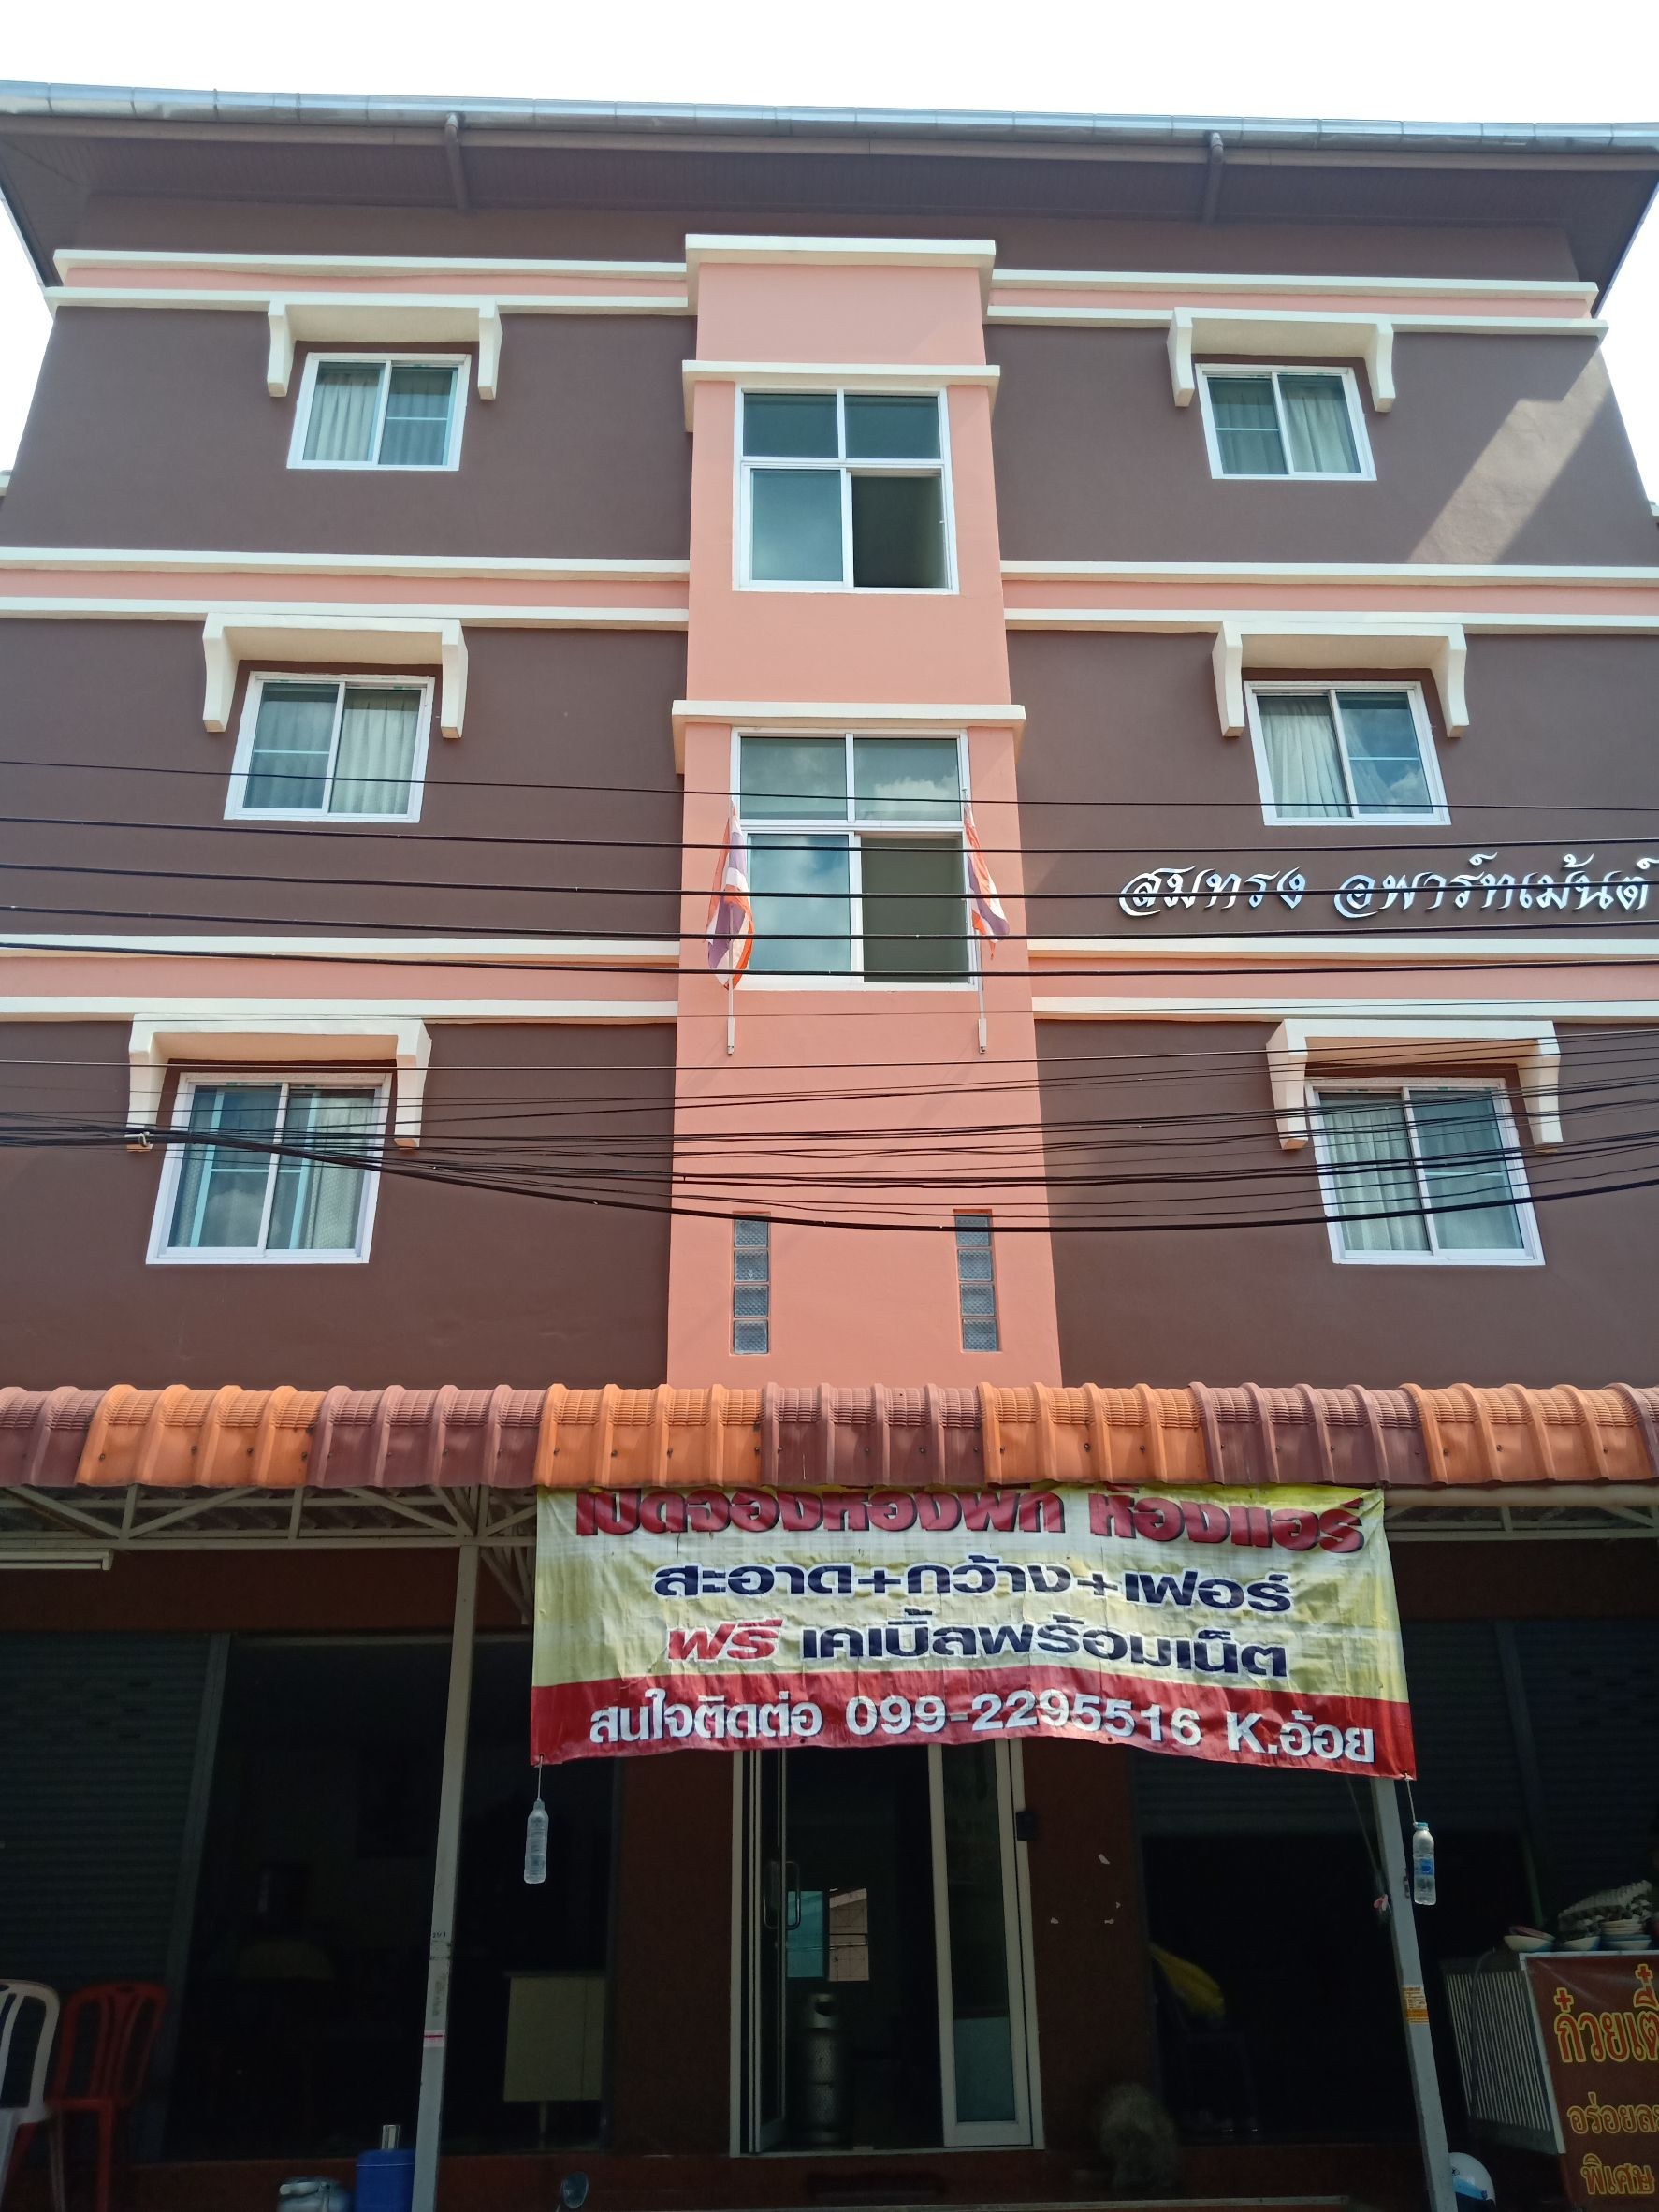 ขายอพาร์ทเม้นท์ เจ้าของขายเอง ซอยลาดกระบัง52 แยก1 (ซอยจินดา)